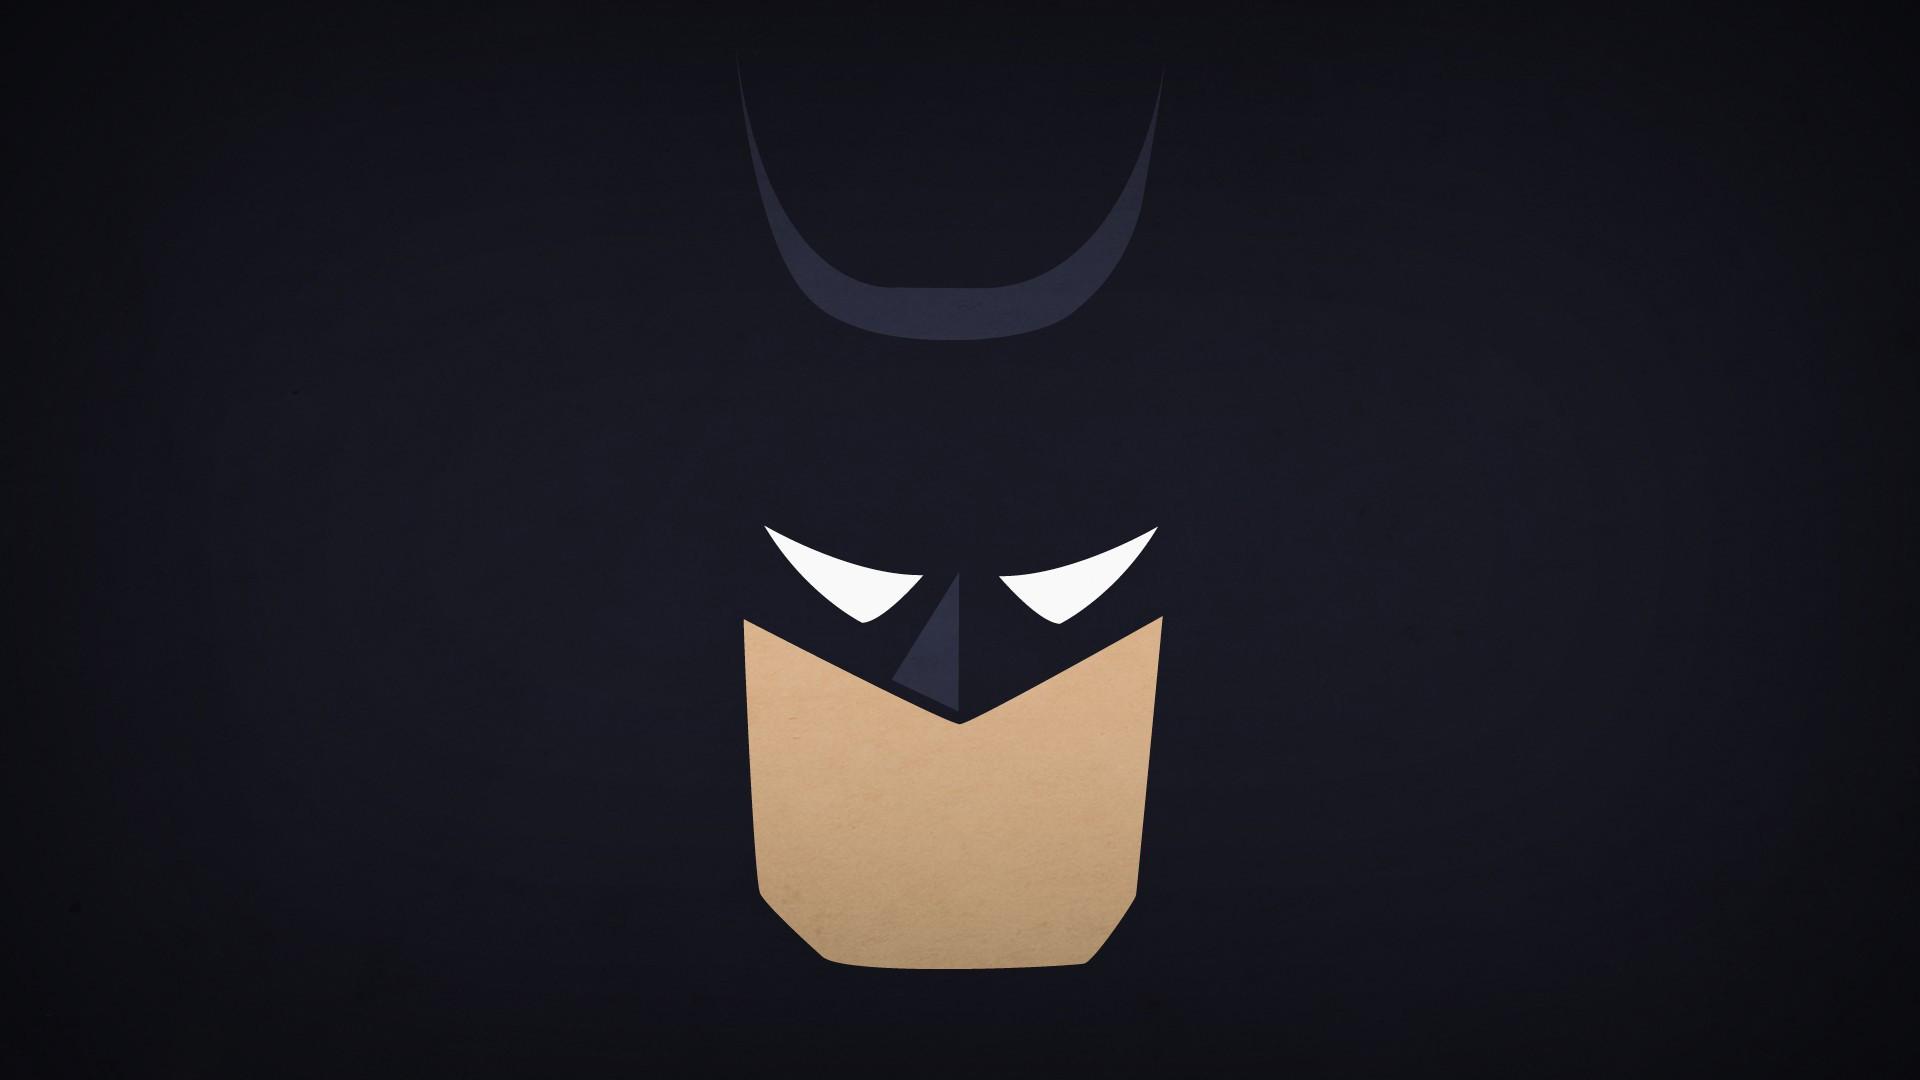 Batman Wallpaper. 1920×1080